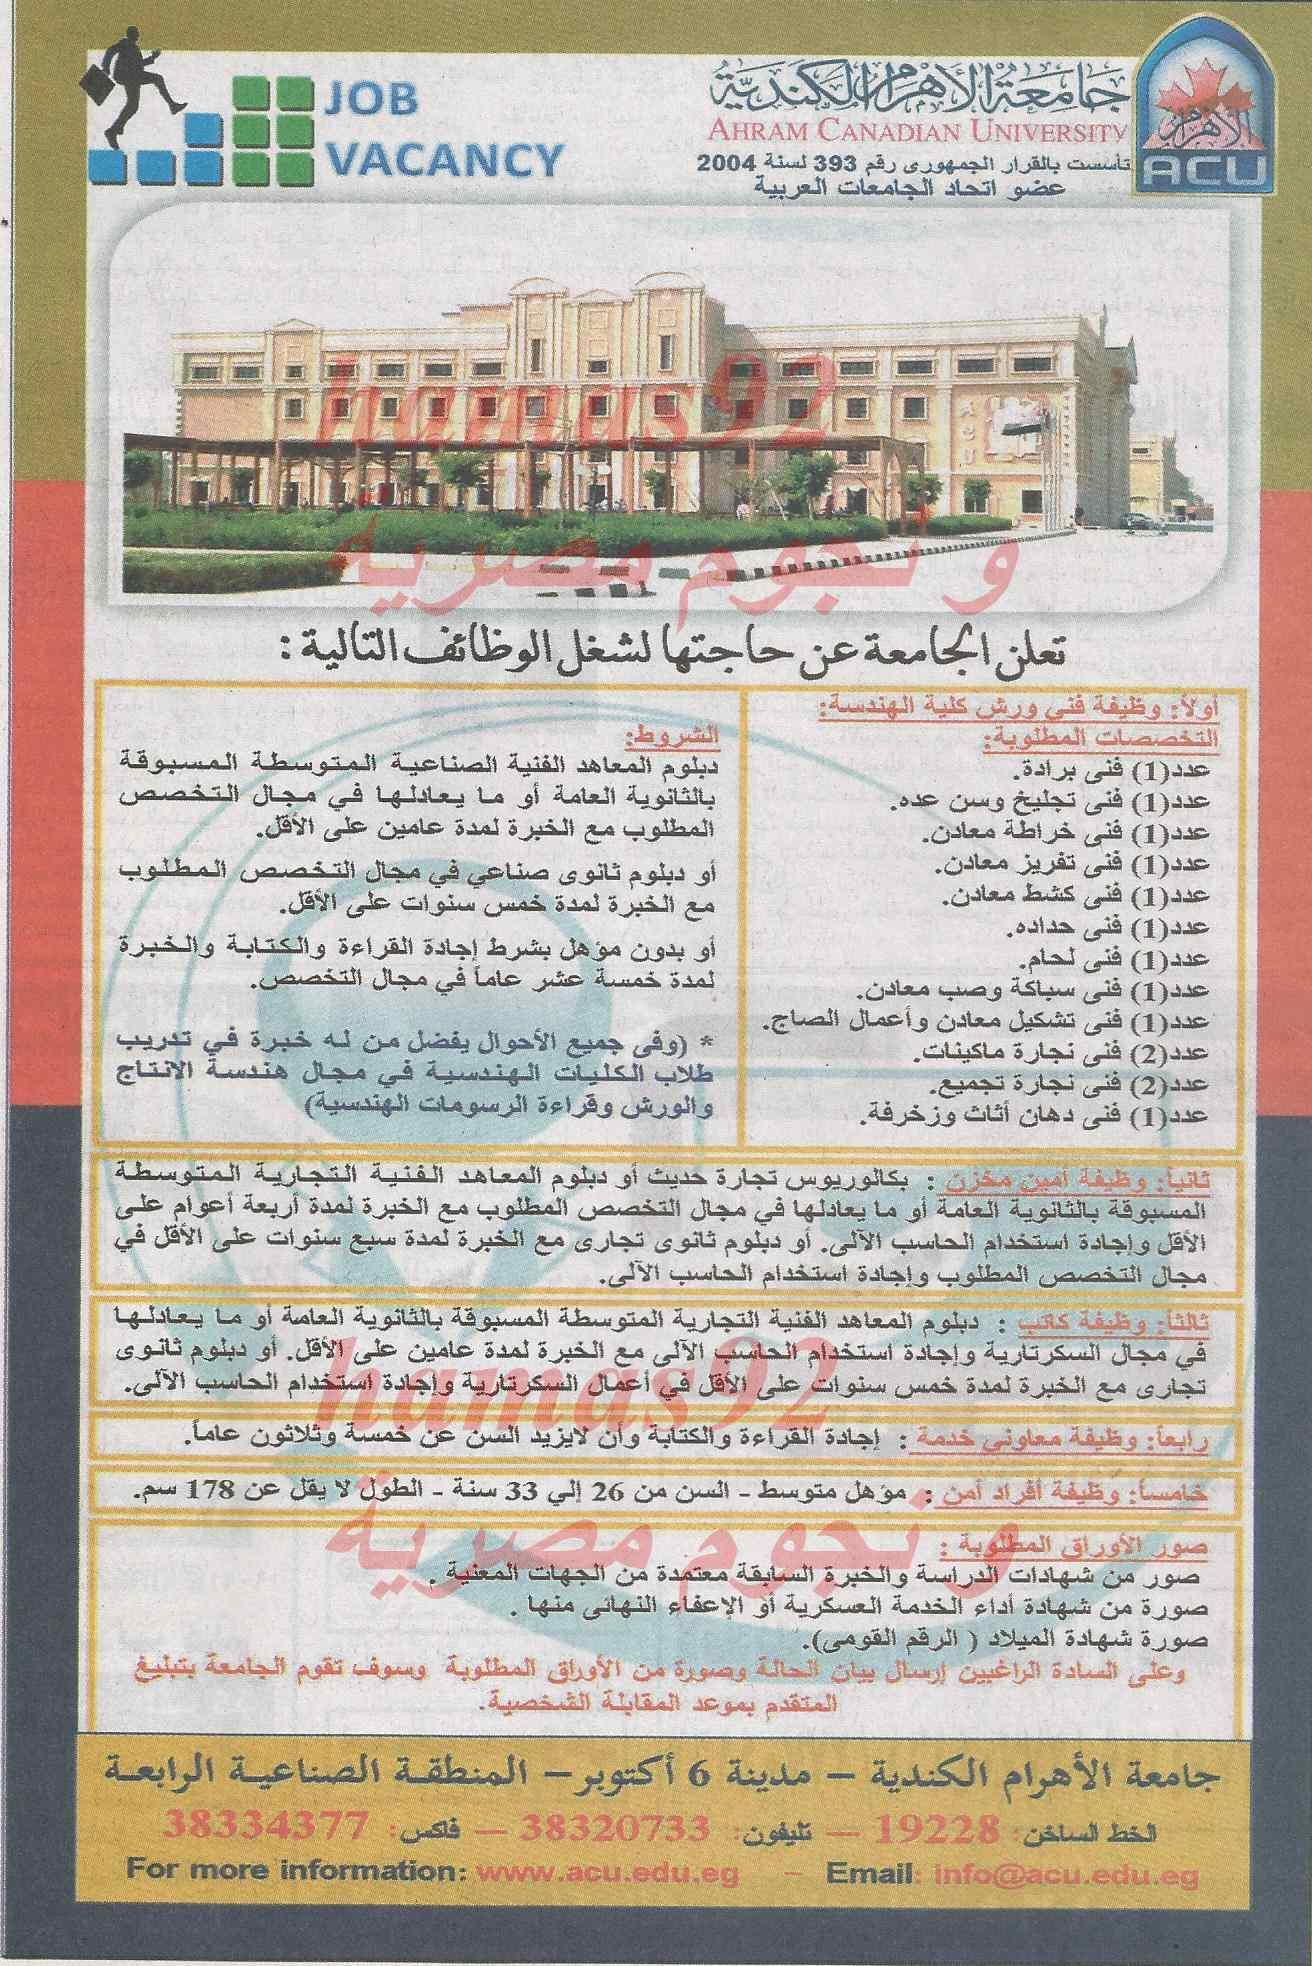 وظائف خالية اليوم الاربعاء جريدة الاهرام 12-2-2014 , وظائف جديدة 12 فبراير 2014